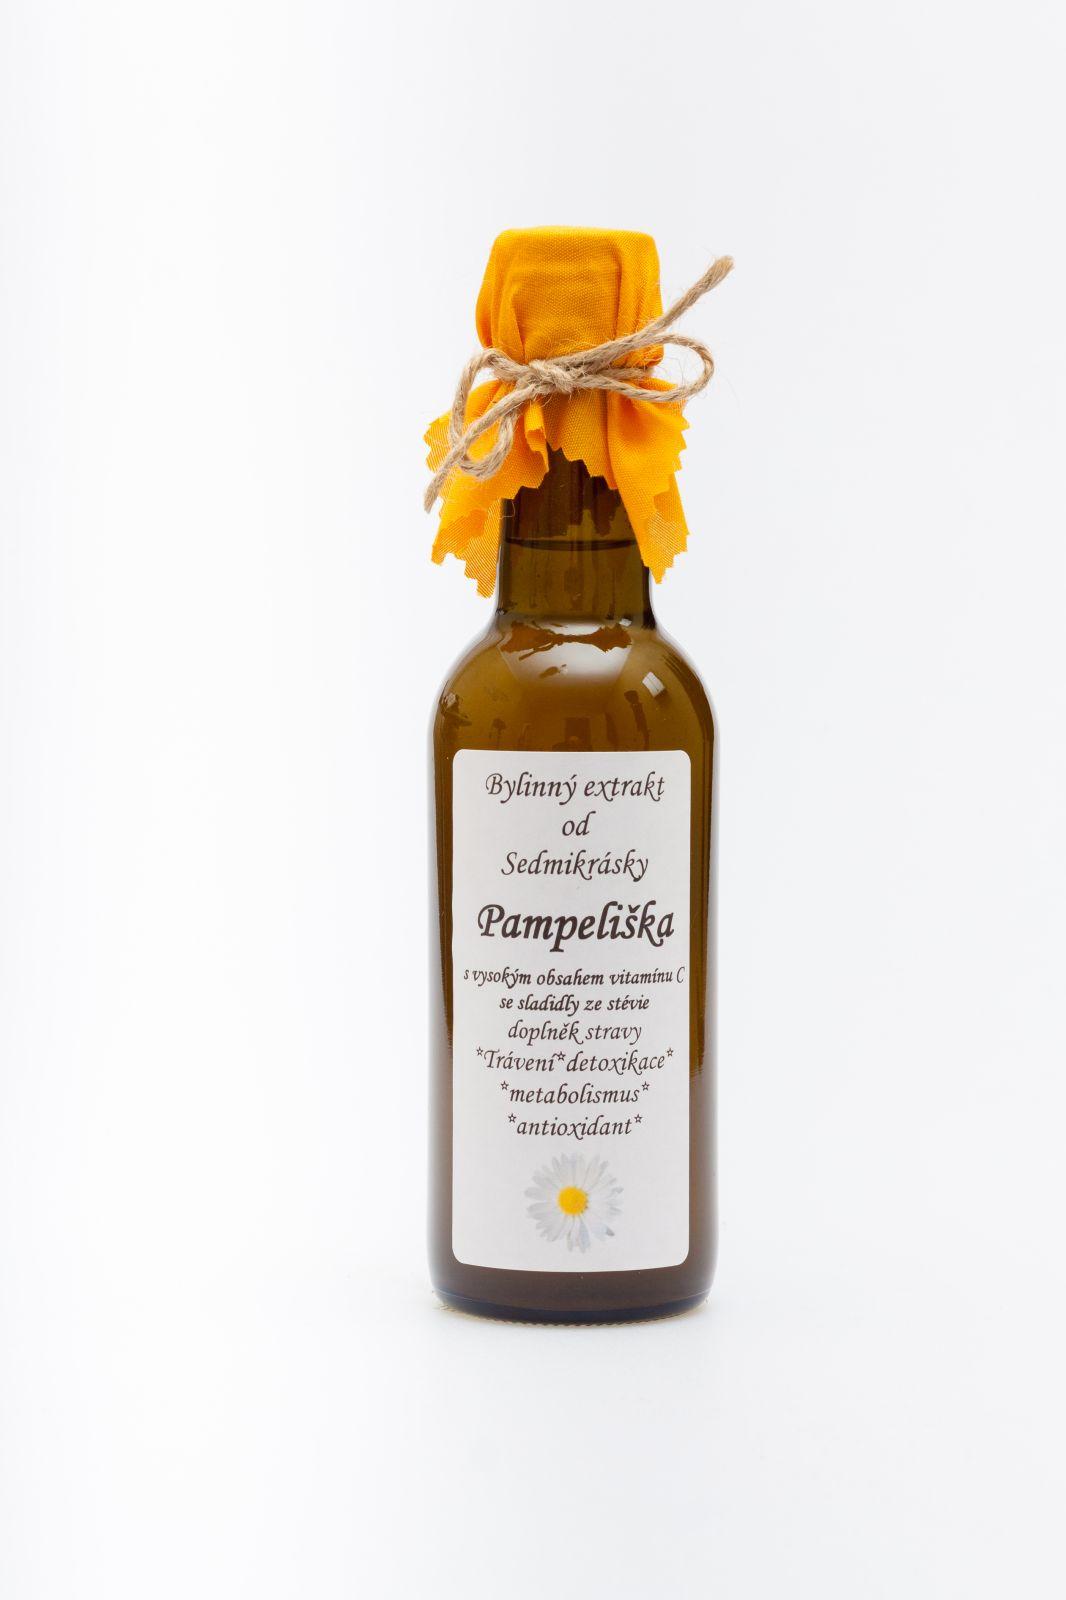 Sedmikráska bylinný extrakt Pampeliška 250ml trávení, energetický metabolismus, detoxikace, antioxidant doplněk stravy Rodinná farma Sedmikráska